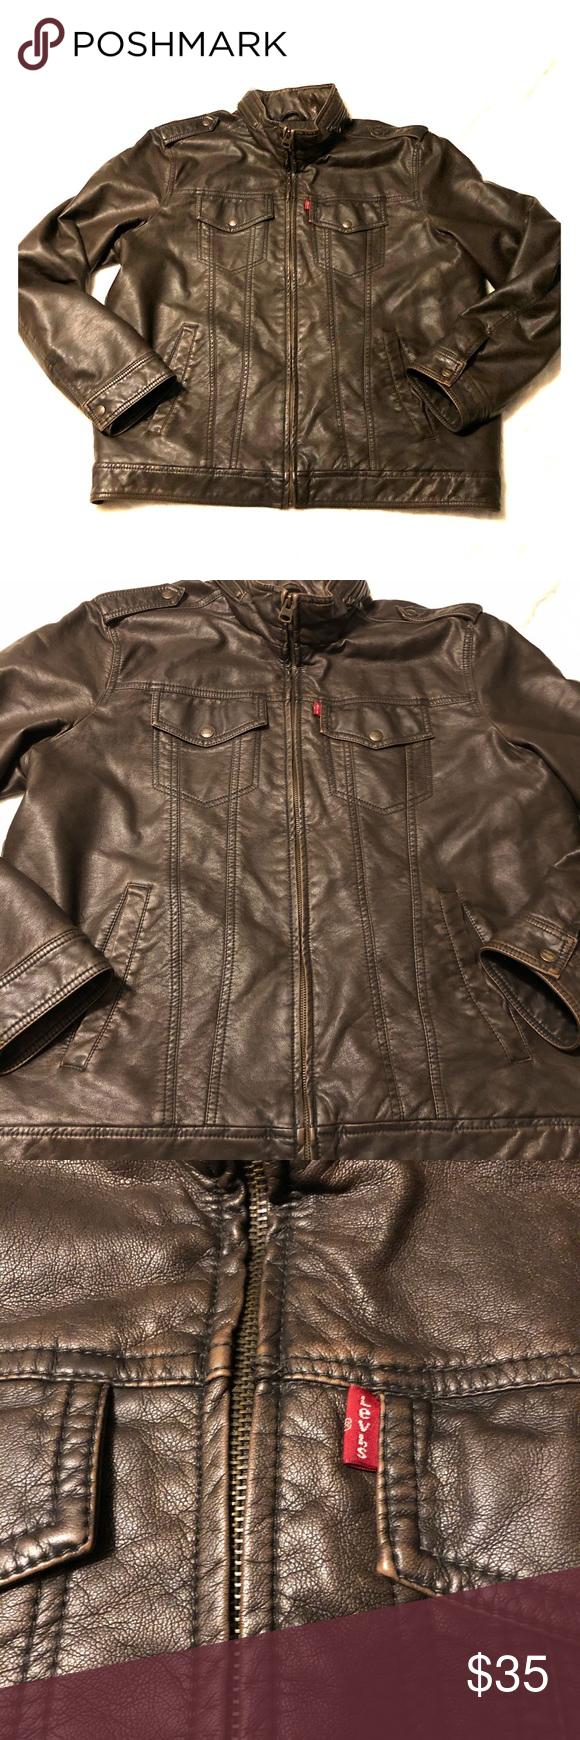 Levi S Men S Brown Faux Leather Jacket Large Leather Jacket Faux Leather Jackets Brown Faux Leather Jacket [ 1740 x 580 Pixel ]